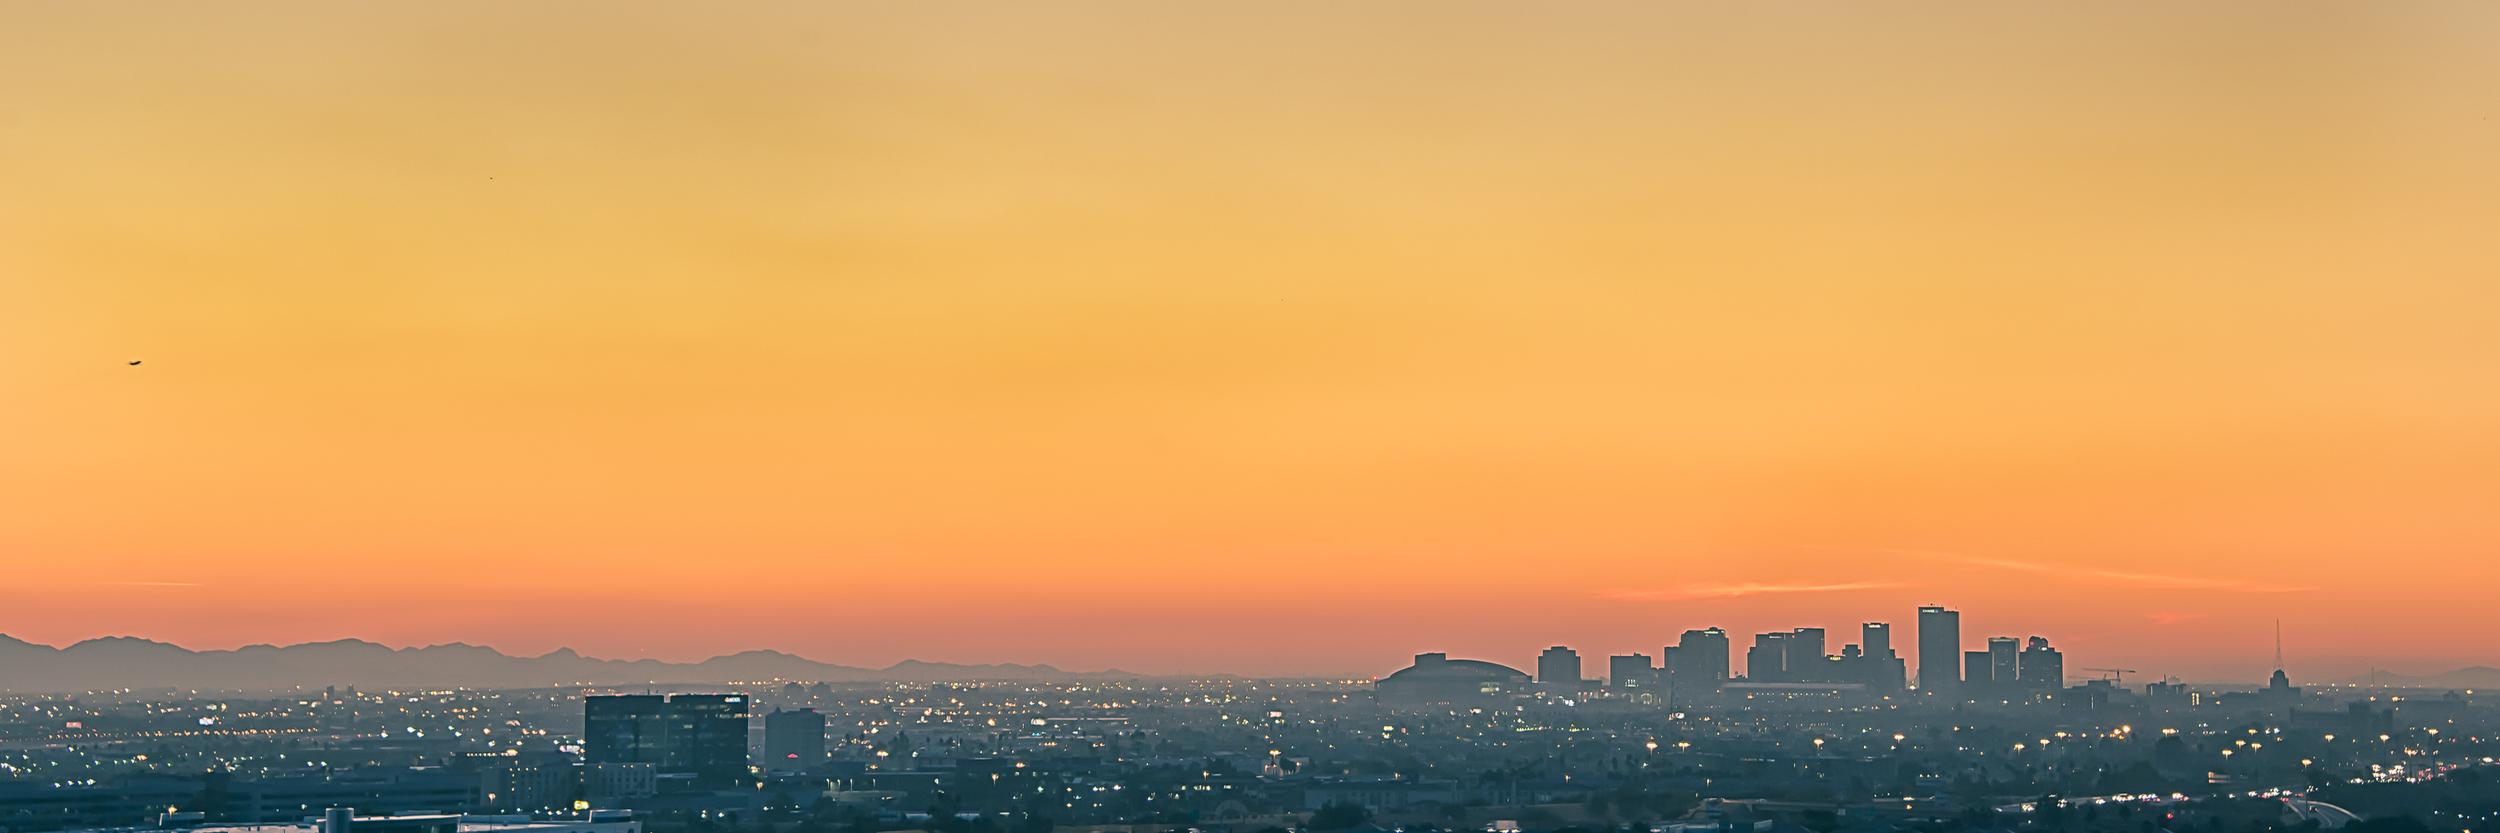 phoenix skyline-1.jpg